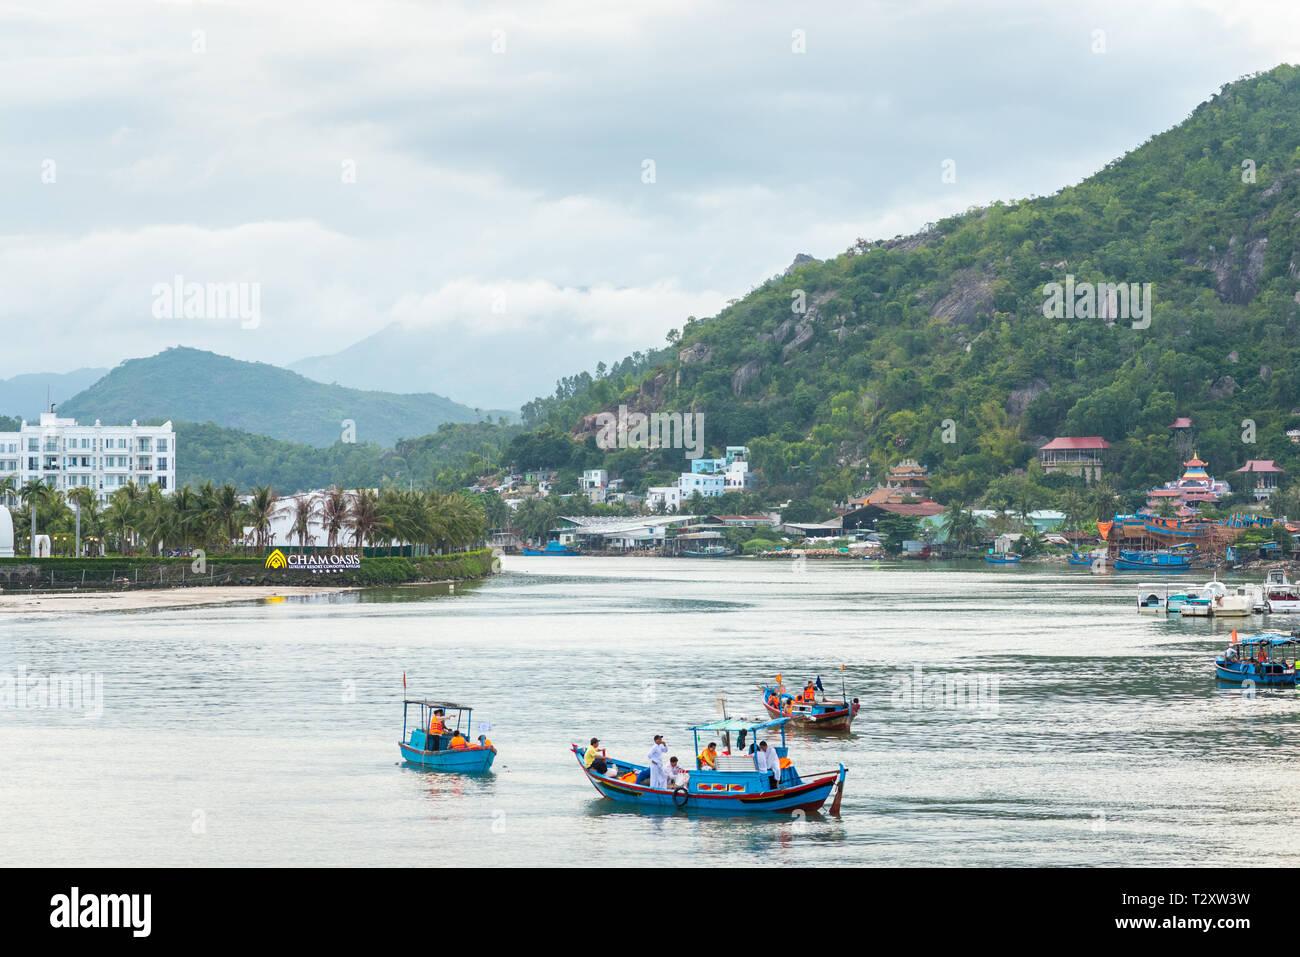 Nha Trang, Vietnam - May 5, 2018: Cai River with fishermen' blue boats. Stock Photo